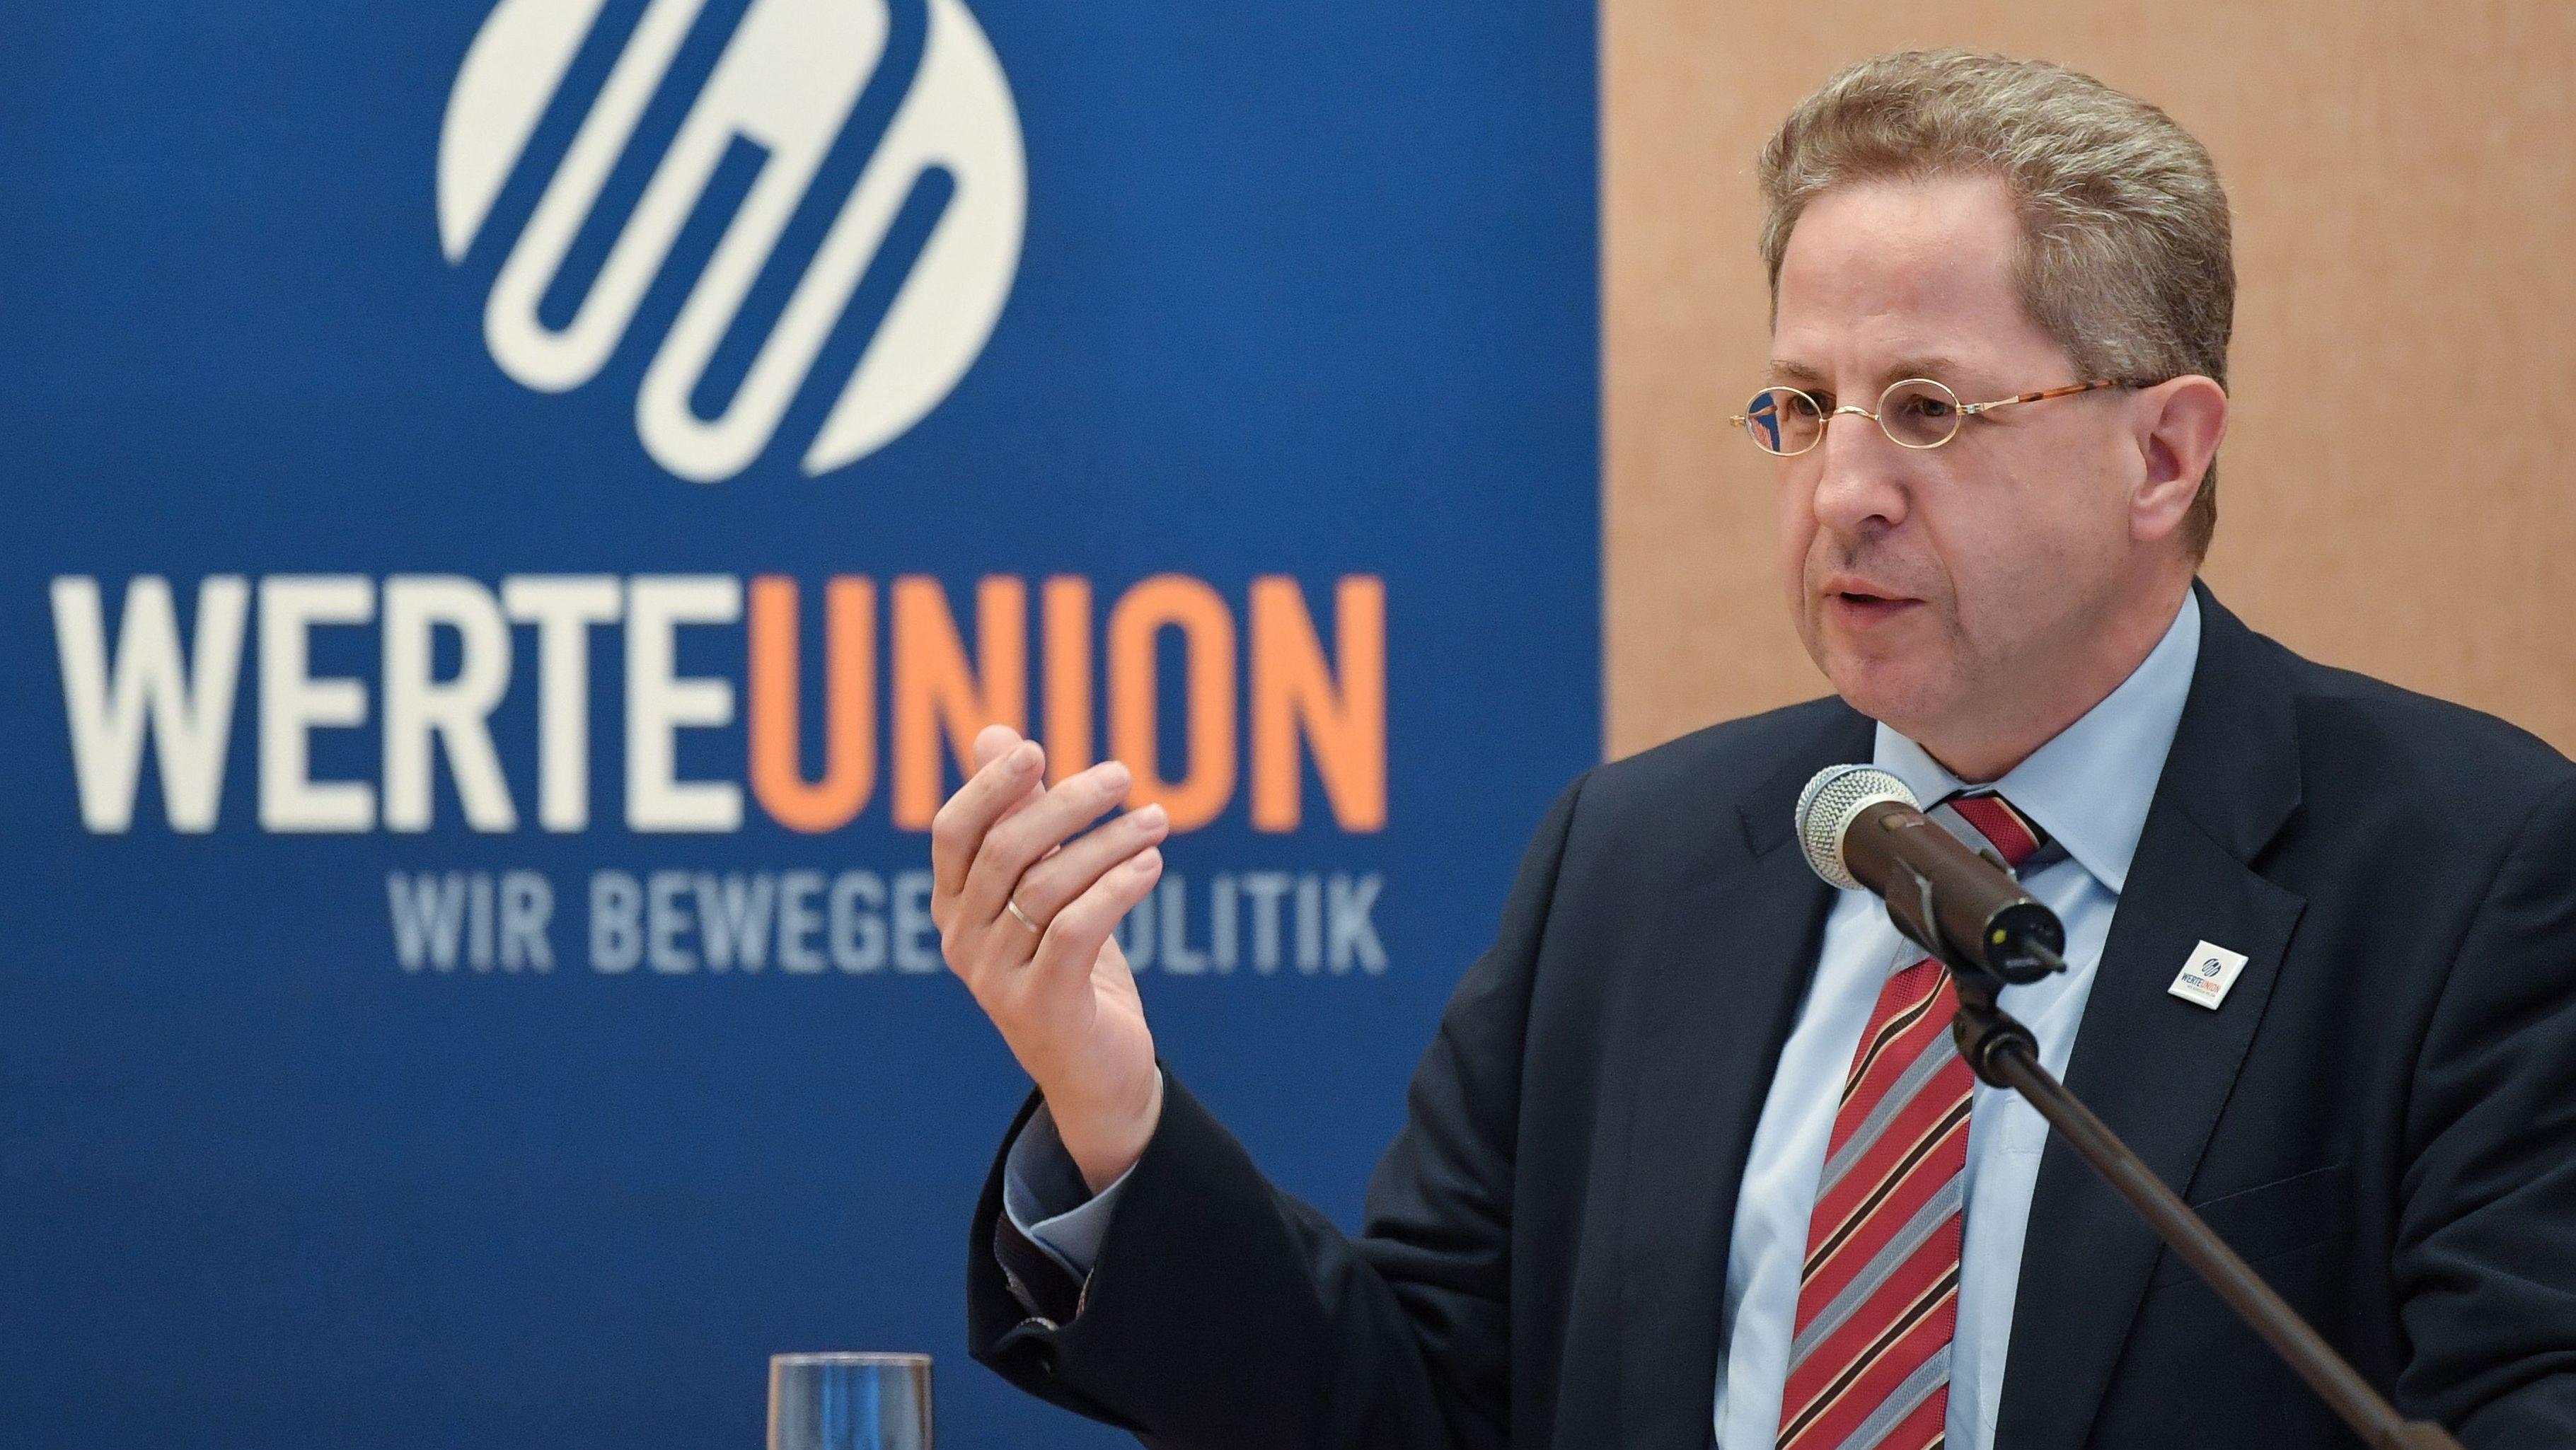 Hans-Georg Maaßen (CDU), ehemaliger Leiter des Bundesverfassungsschutzes, spricht auf einem Wahlkampftermin der CDU über die Werteunion